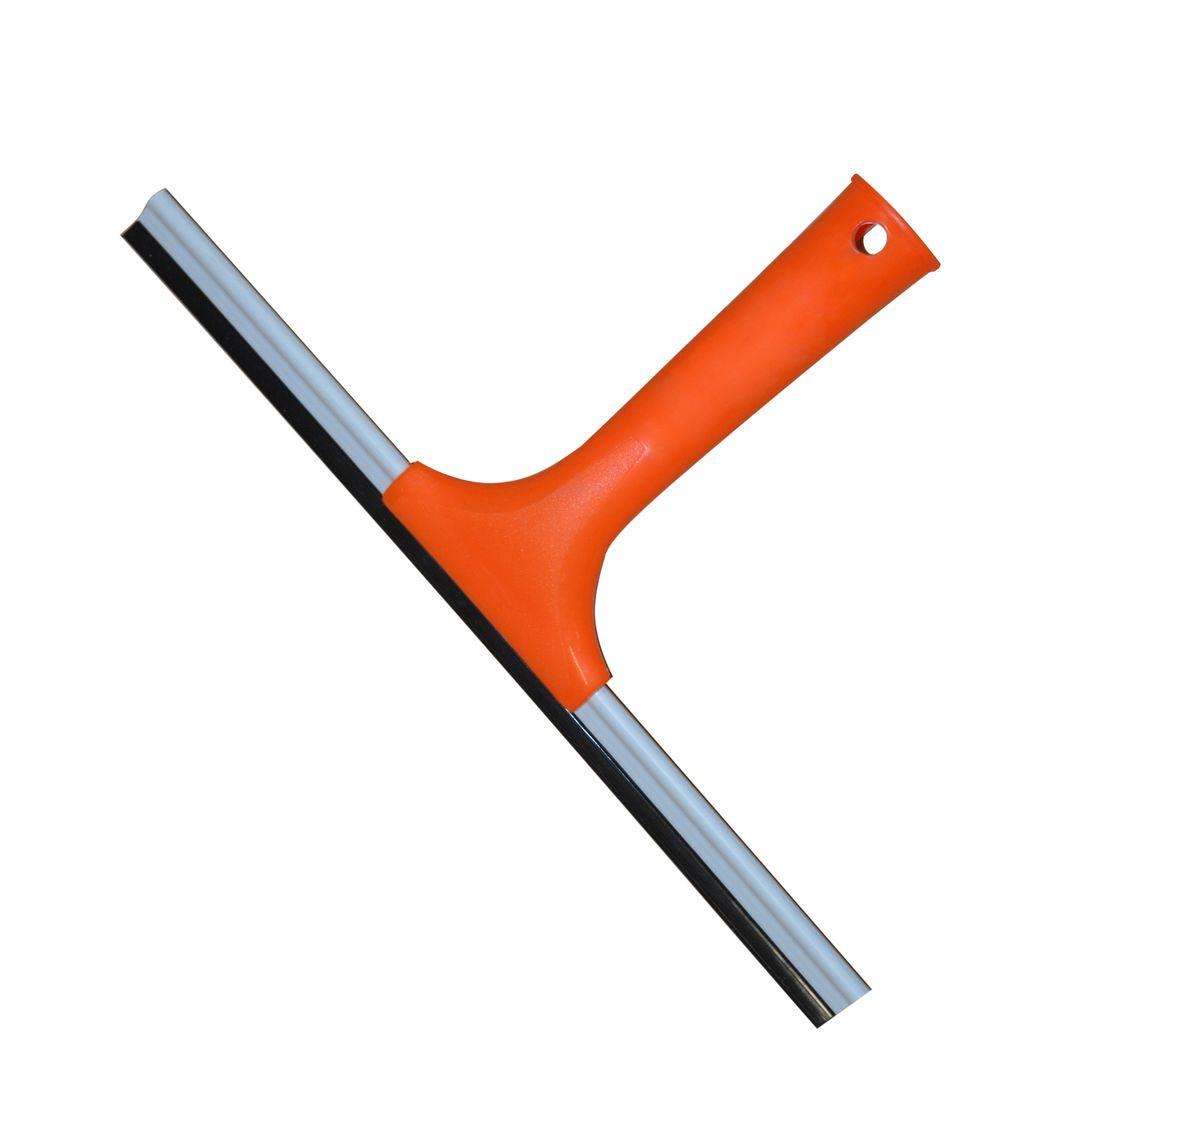 Стеклоочиститель York, 30 см8441Стеклоочиститель York, выполненный из пластика, станет незаменимым помощником при уборке. Он удаляет жидкость со стекла благодаря резиновой кромке. Ширина рабочей поверхности стеклоочистителя: 30 см. Длина ручки: 15 см.